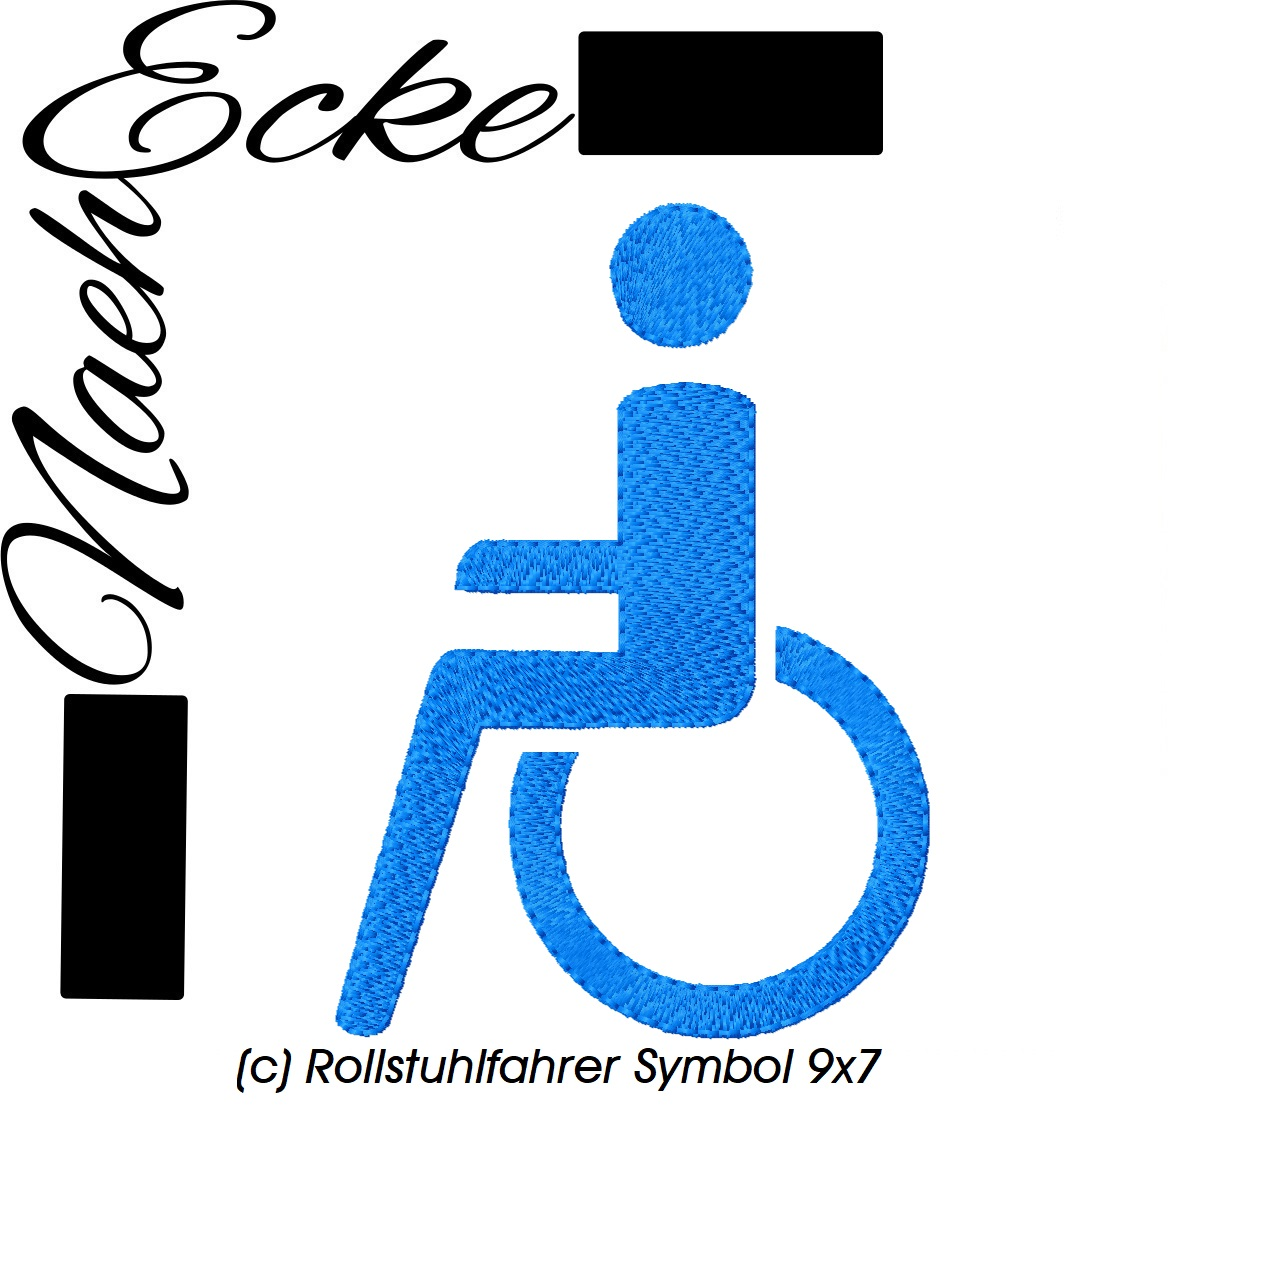 Symbol Rollstuhlfahrer